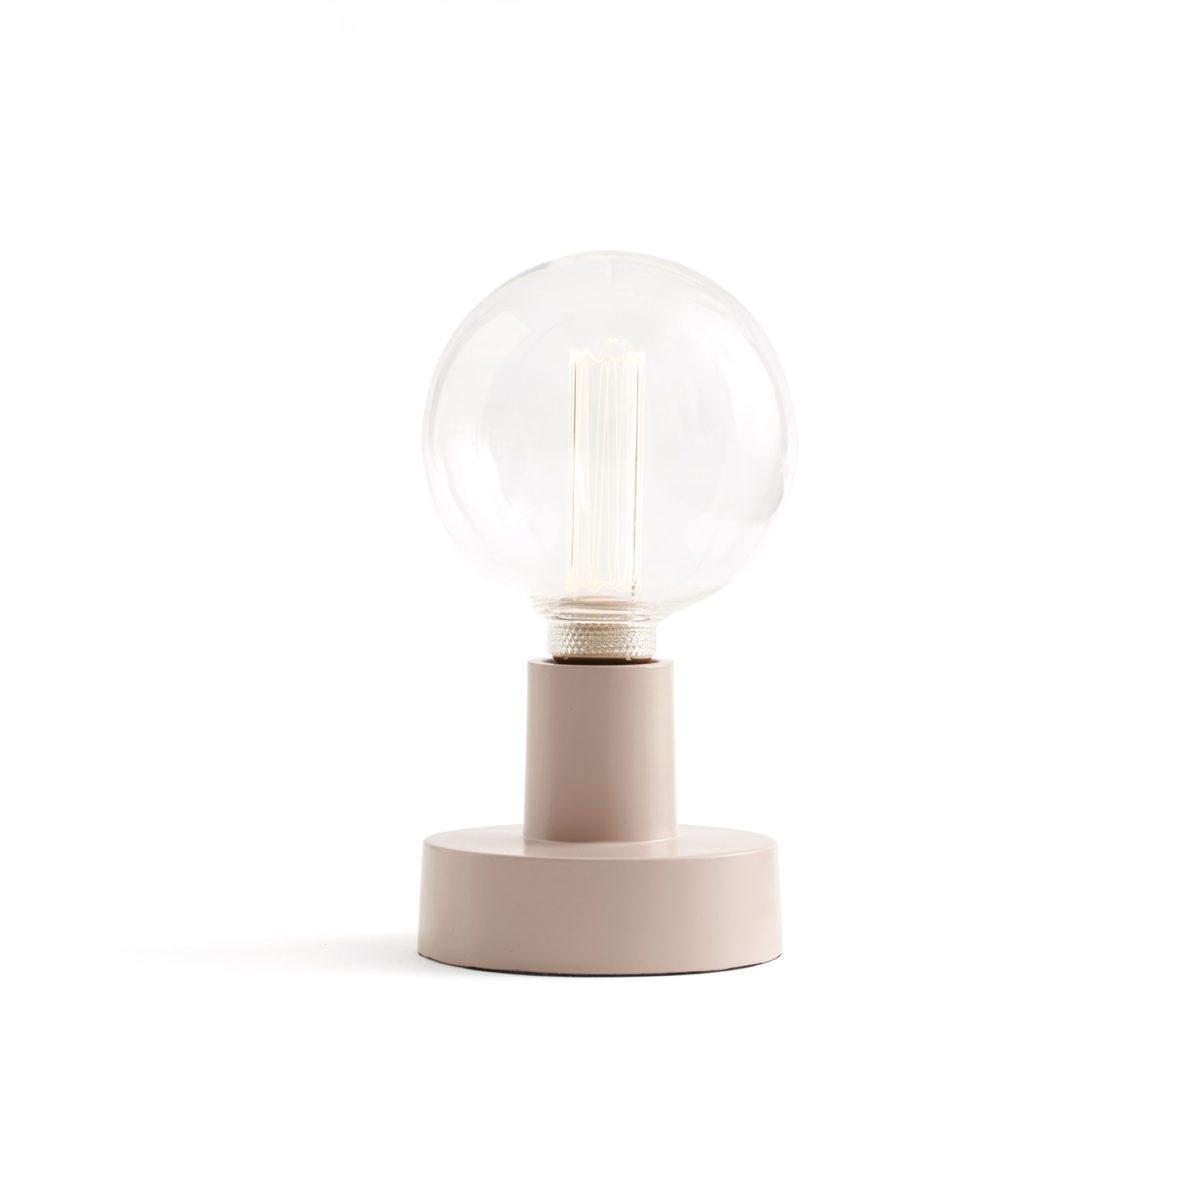 Tisch-/Wandlampe Metall rosa Ø 12 cm.